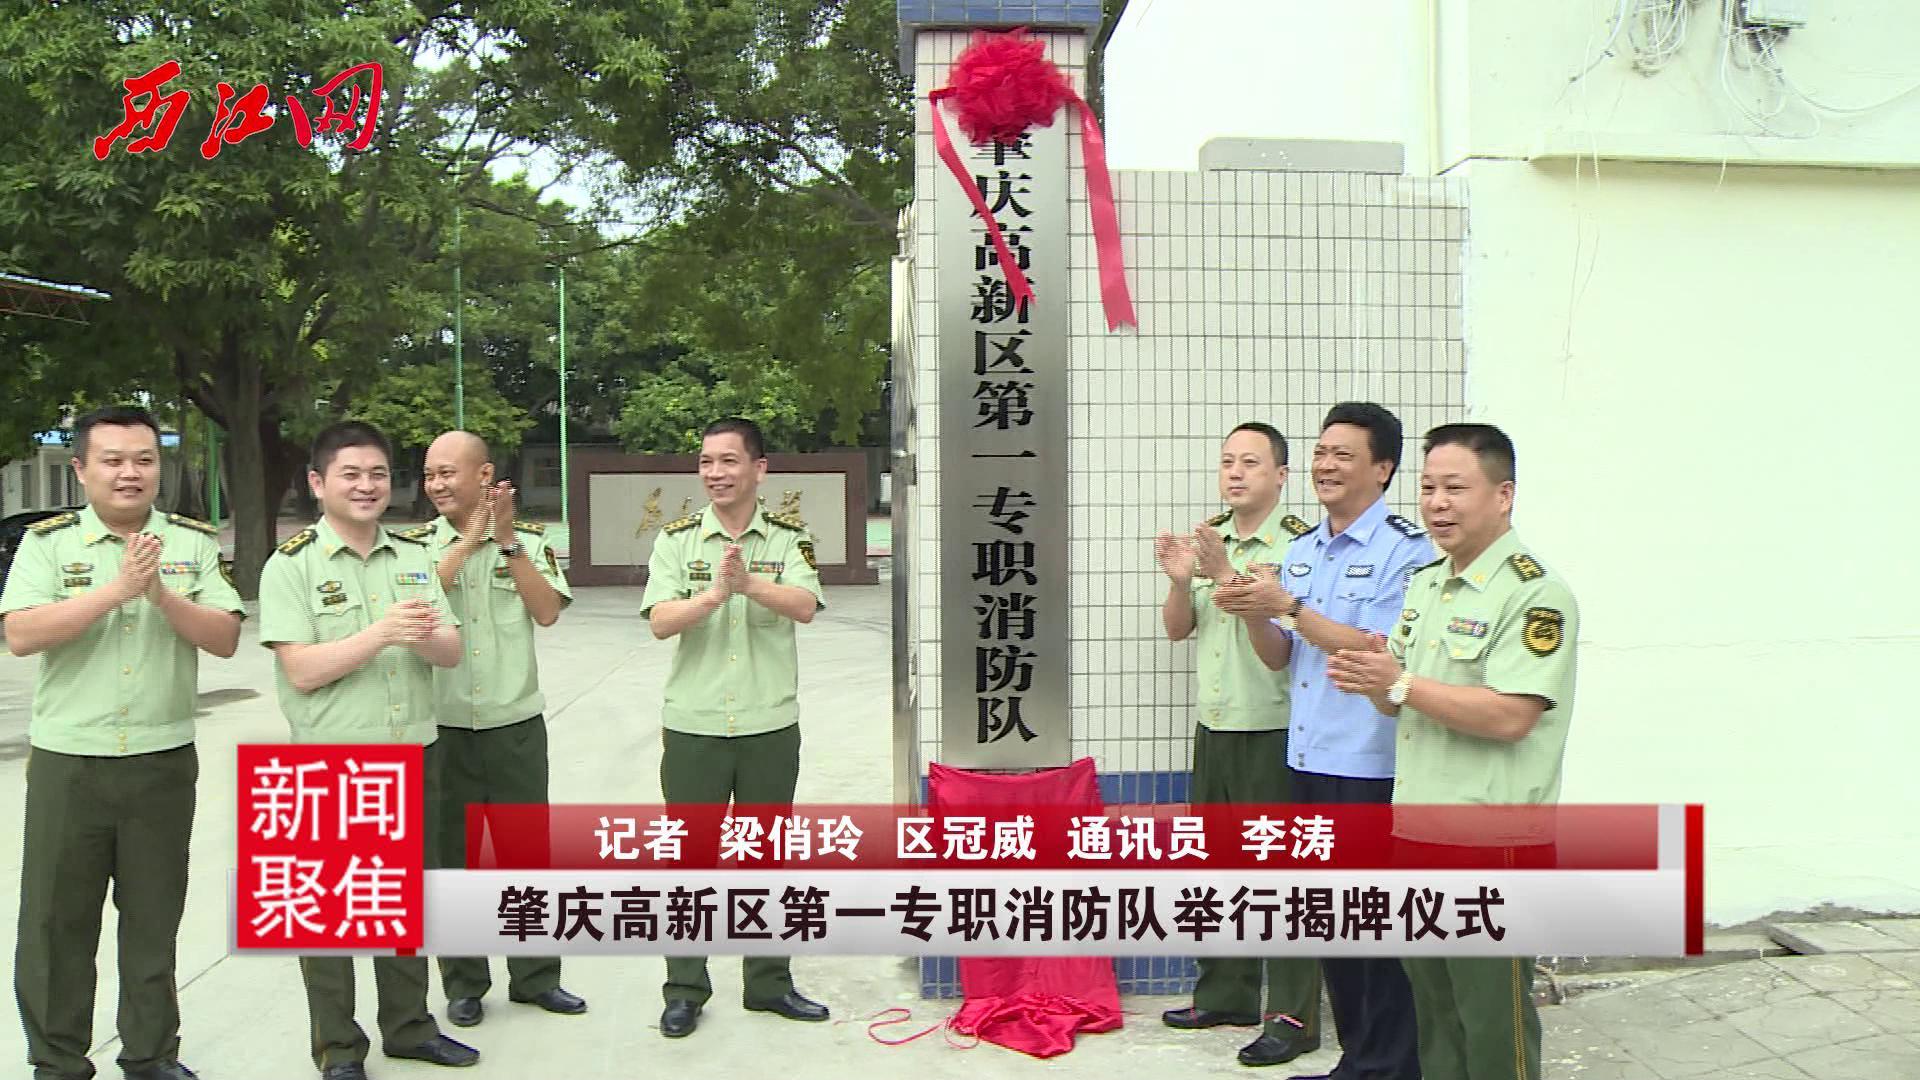 肇庆高新区第一专职消防队举行揭牌仪式